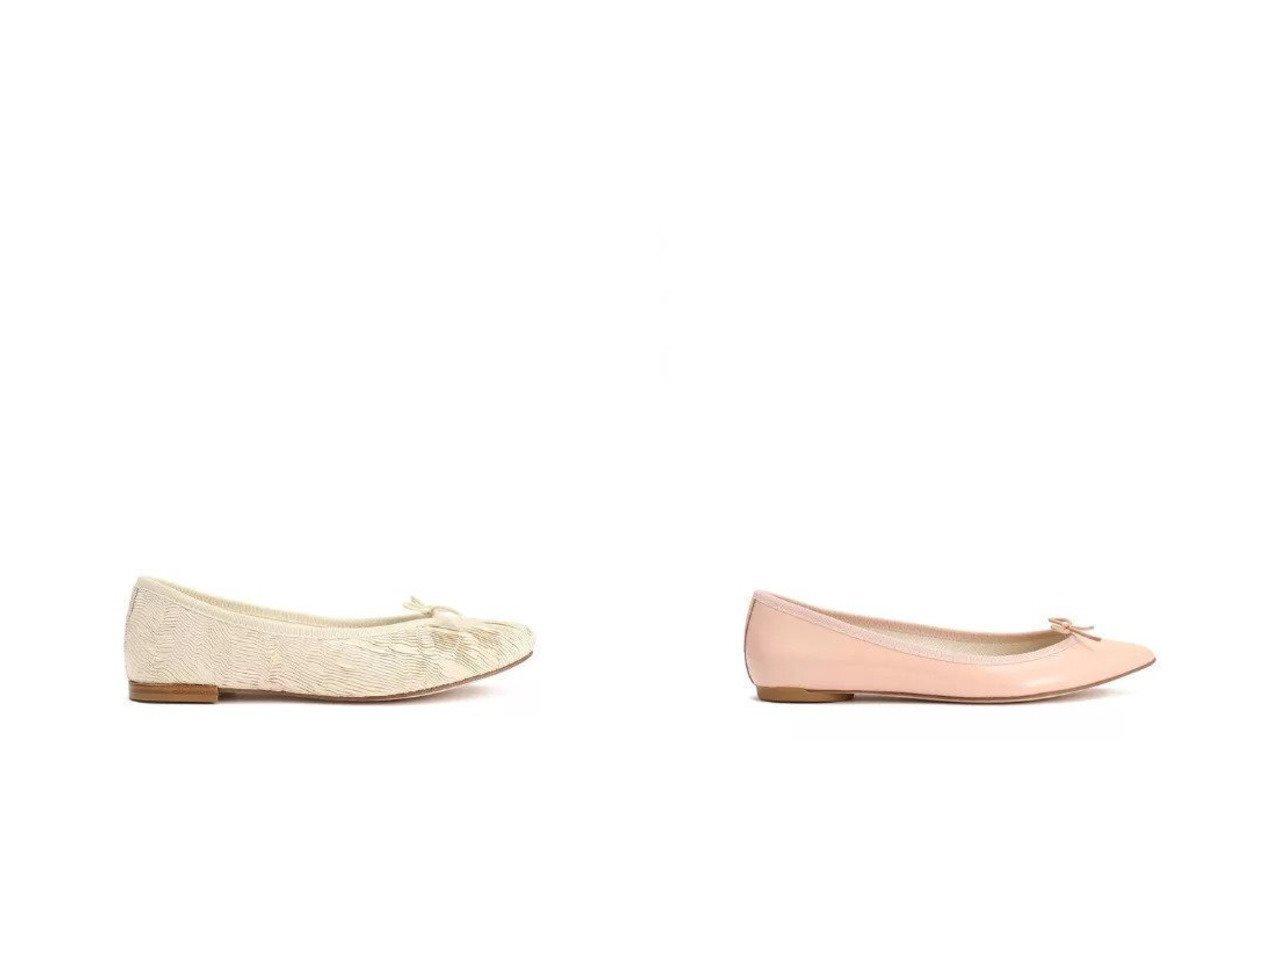 【repetto/レペット】のCendrillon Haute Ballerinas&Brigitte Ballerinas repettoのおすすめ!人気、トレンド・レディースファッションの通販 おすすめで人気の流行・トレンド、ファッションの通販商品 メンズファッション・キッズファッション・インテリア・家具・レディースファッション・服の通販 founy(ファニー) https://founy.com/ ファッション Fashion レディースファッション WOMEN シャーリング シューズ ソックス タイツ バレエ フラット フィット フォルム ベーシック 定番 Standard |ID:crp329100000019112